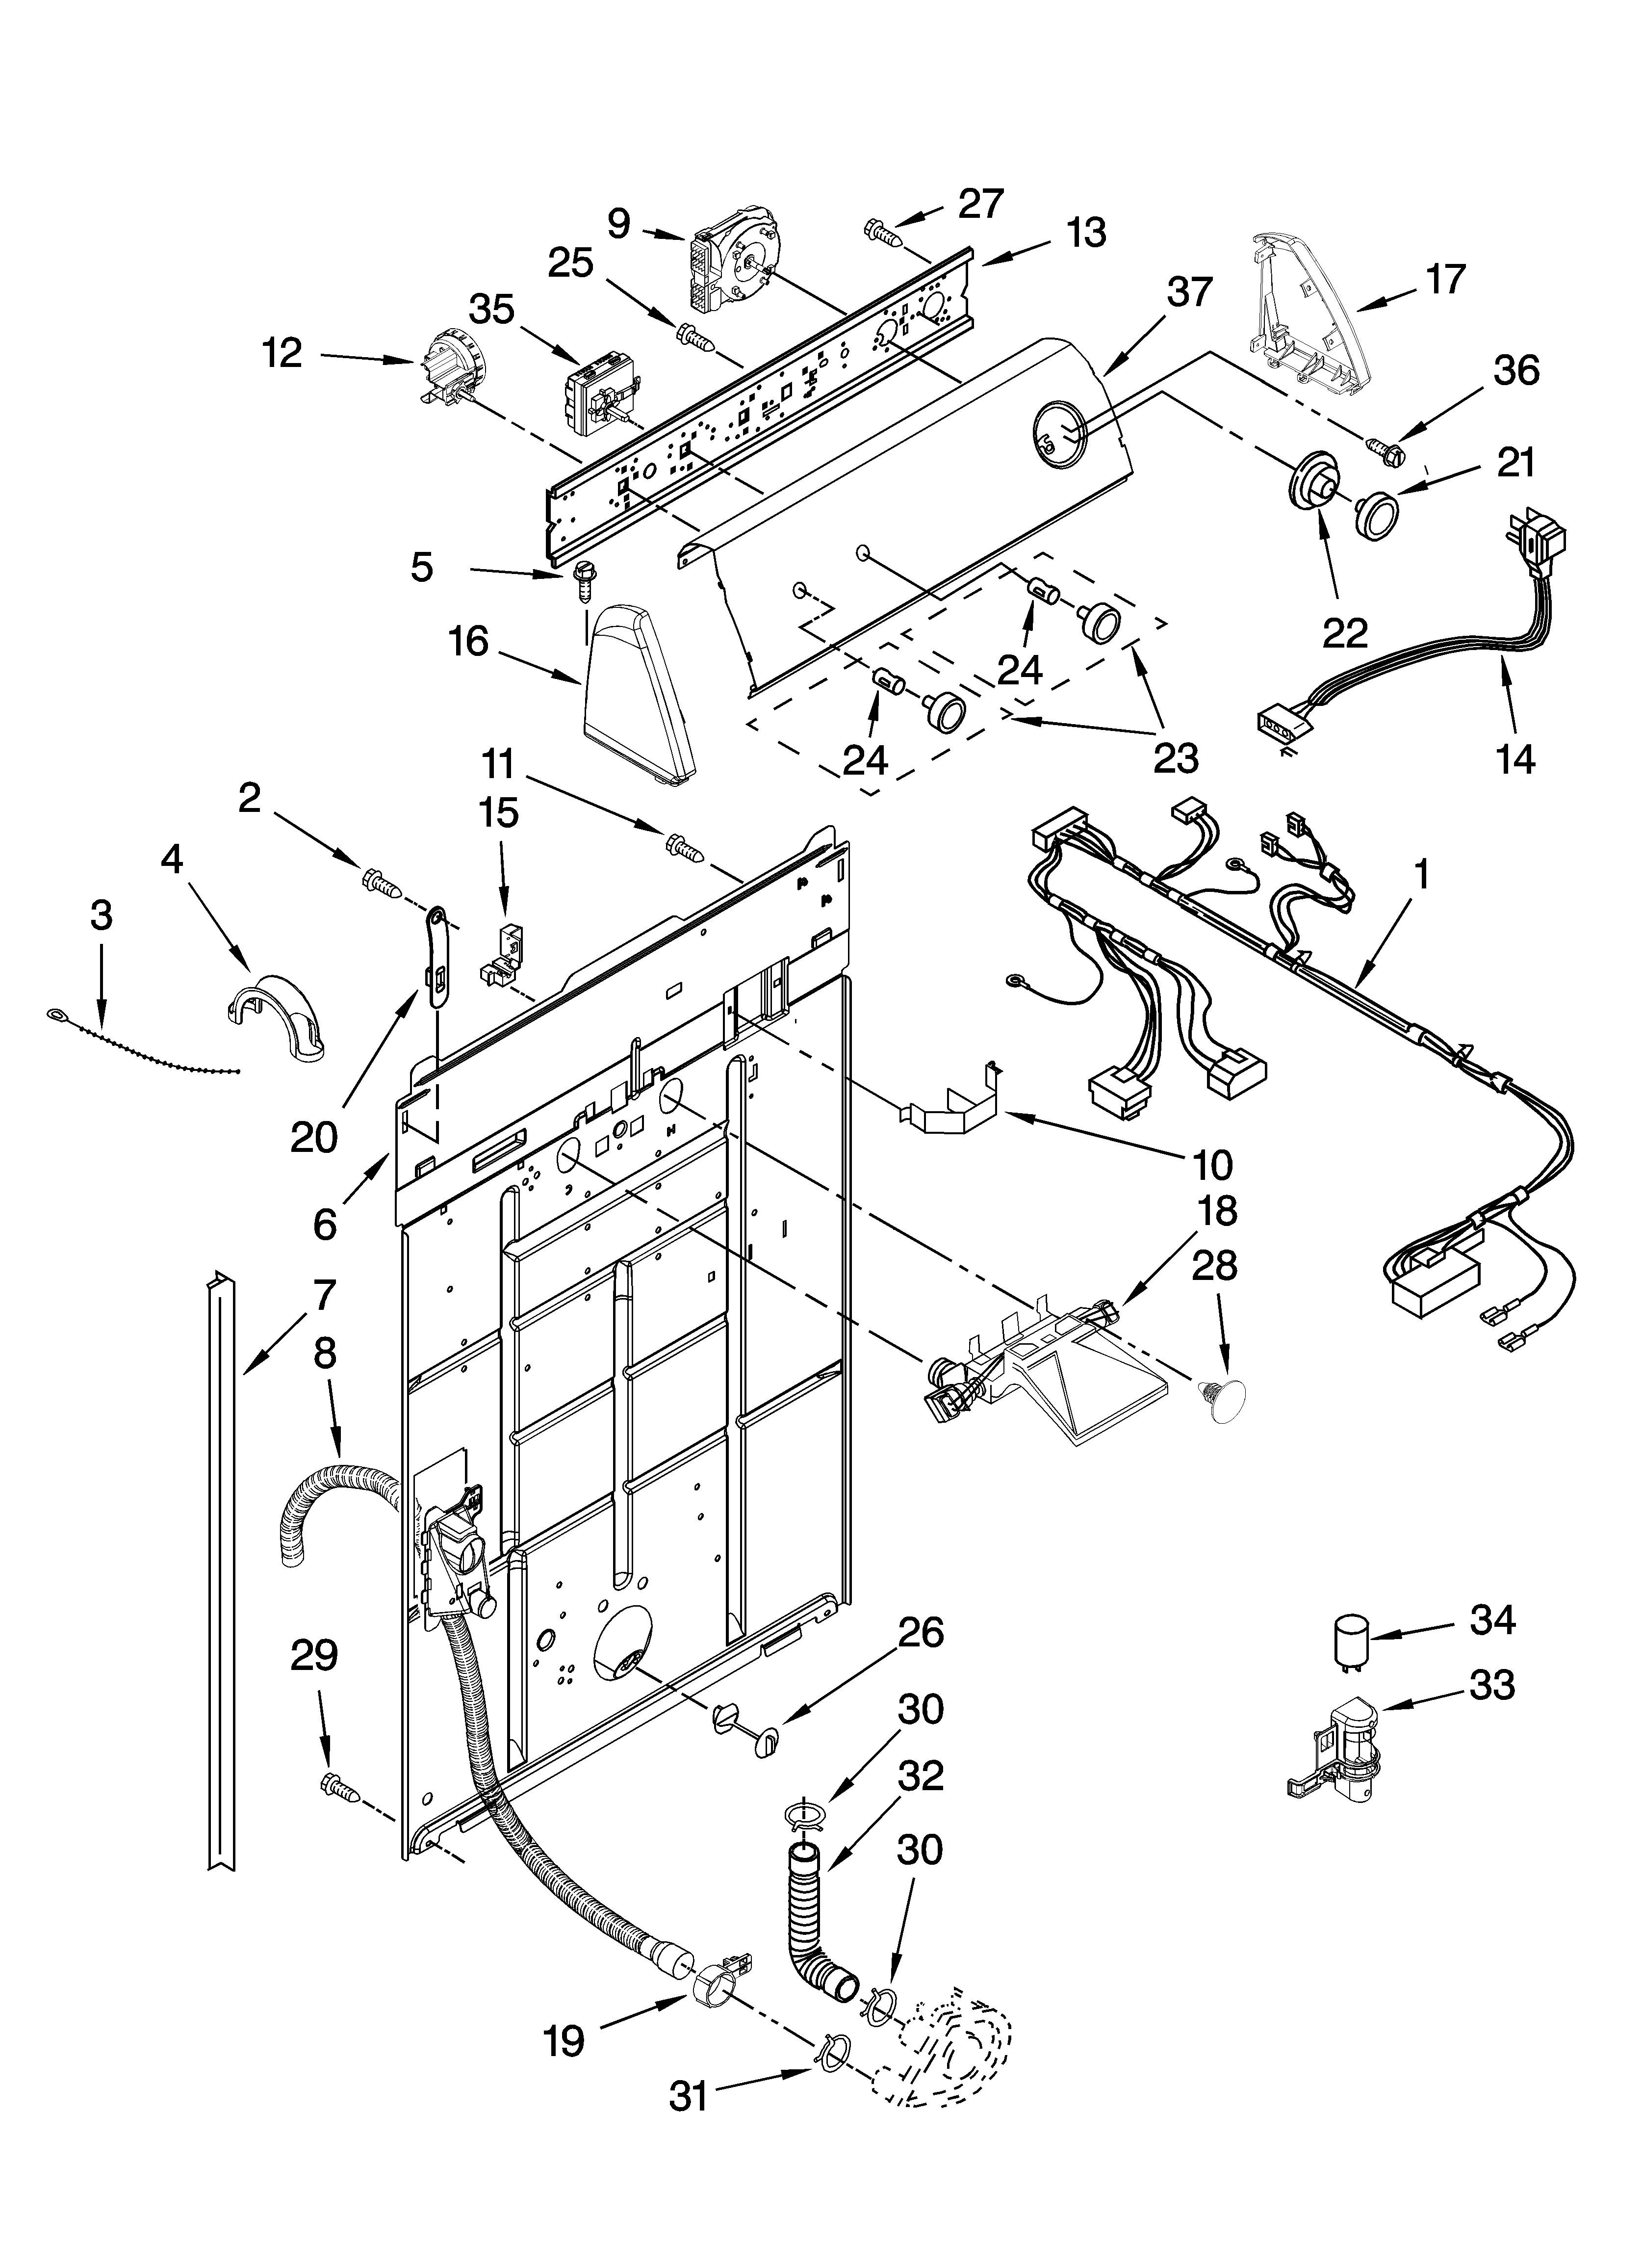 Admiral Washing Machine Parts Diagram Admiral Washing Machine Wiring Diagram Trusted Wiring Diagram Of Admiral Washing Machine Parts Diagram